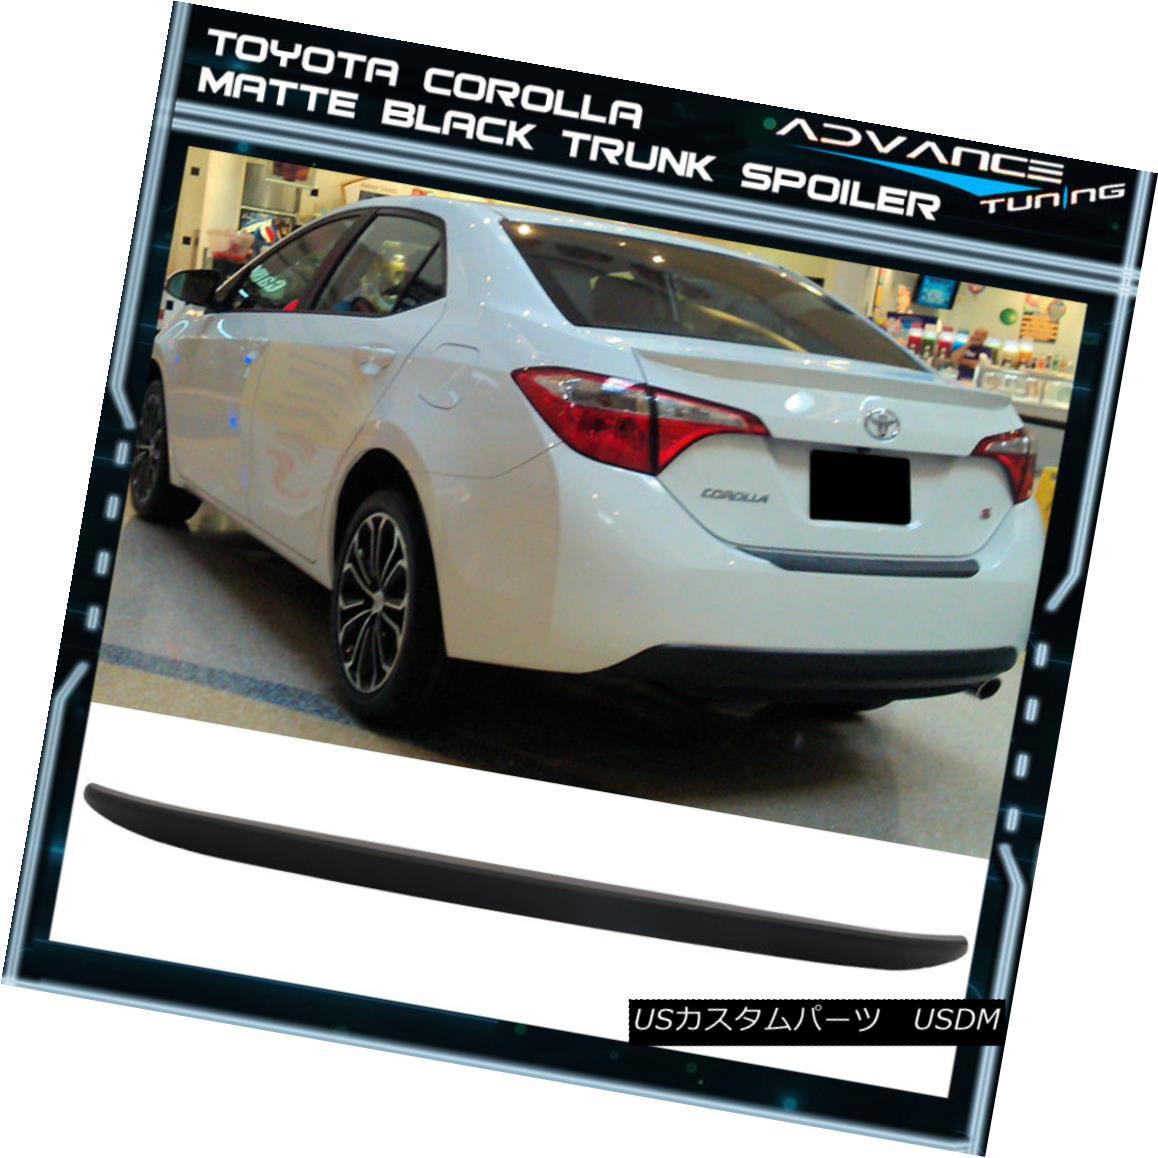 エアロパーツ Fits 14-18 Toyota Corolla Sedan OE Factory Matte Black Trunk Spoiler Wing - ABS フィット14-18トヨタカローラセダンOE工場マットブラックトランクスポイラーウィング - ABS